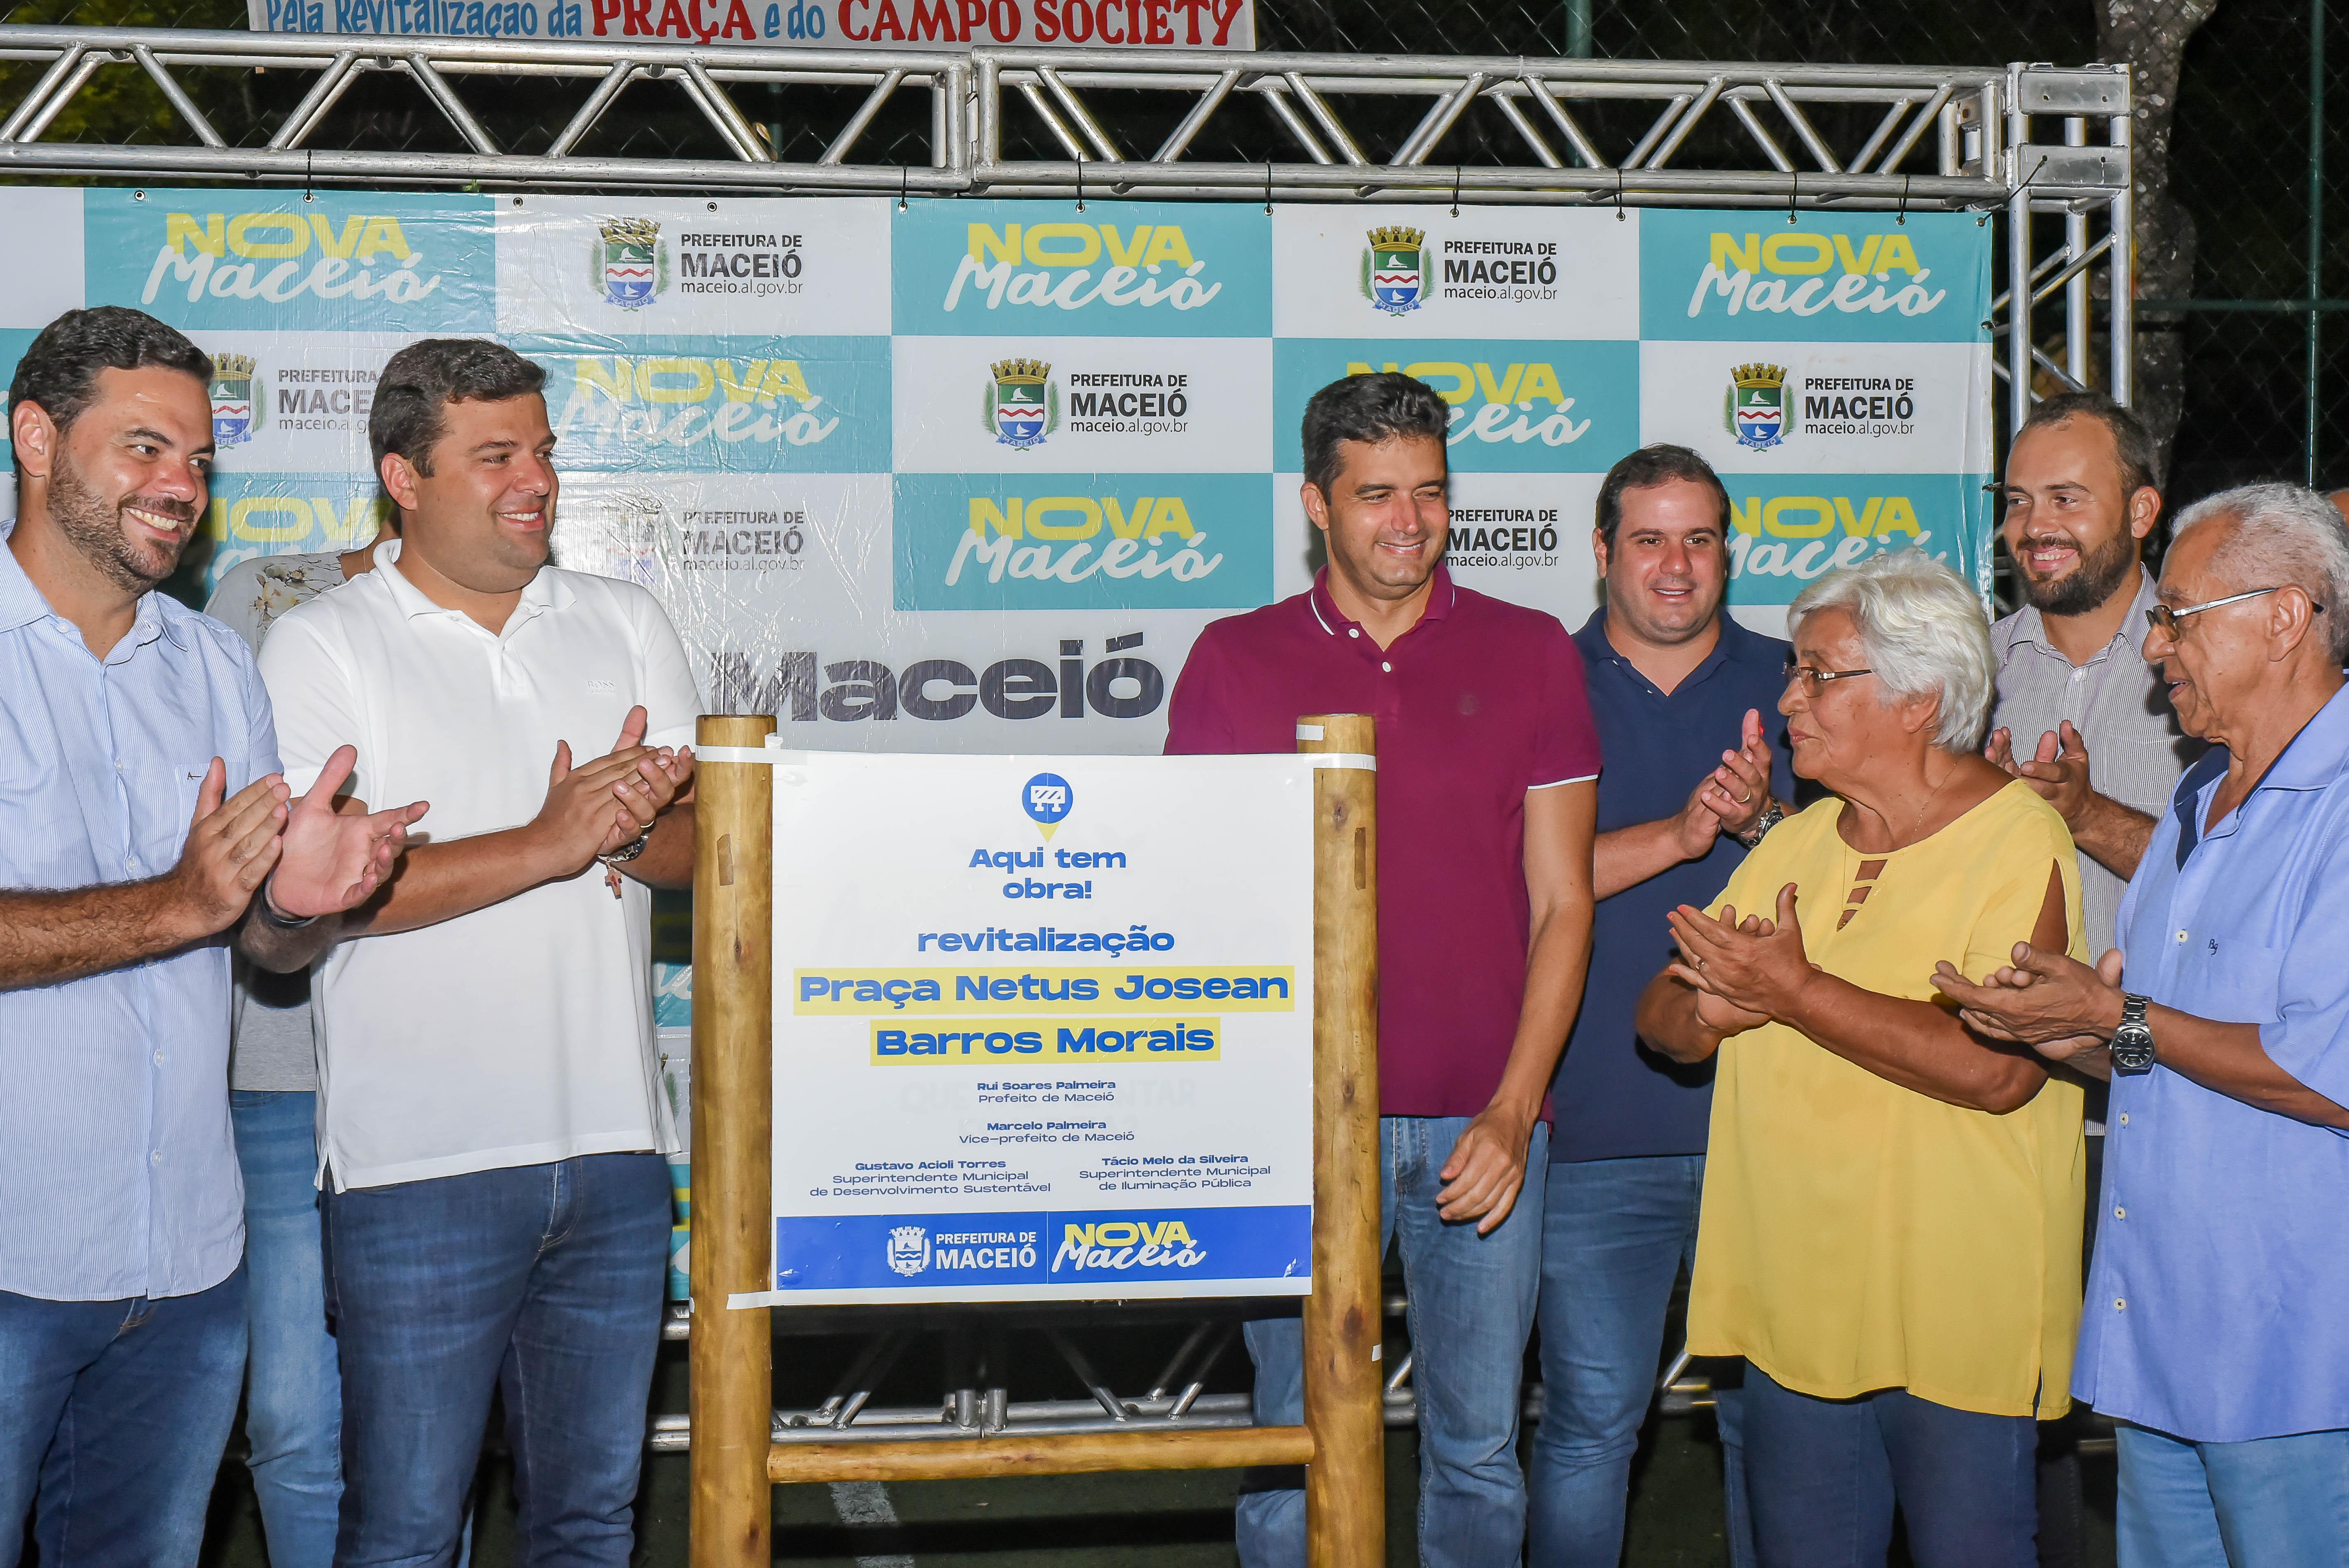 Prefeito entrega Praça revitalizada no conjunto Inocoop. Foto: Átila Vieira|Secom Maceió